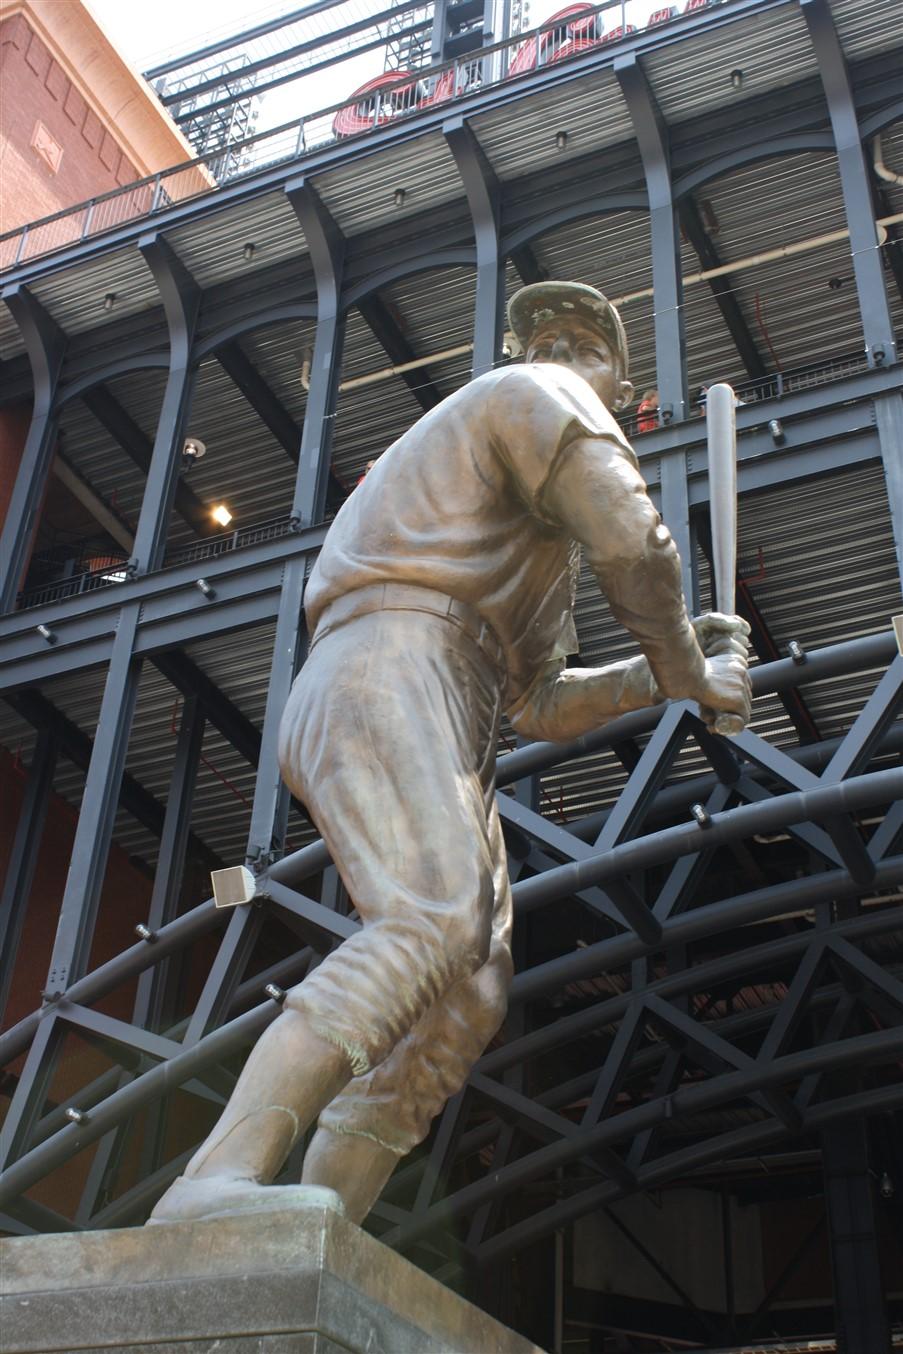 2012 07 01 134 St Louis Busch Stadium.jpg